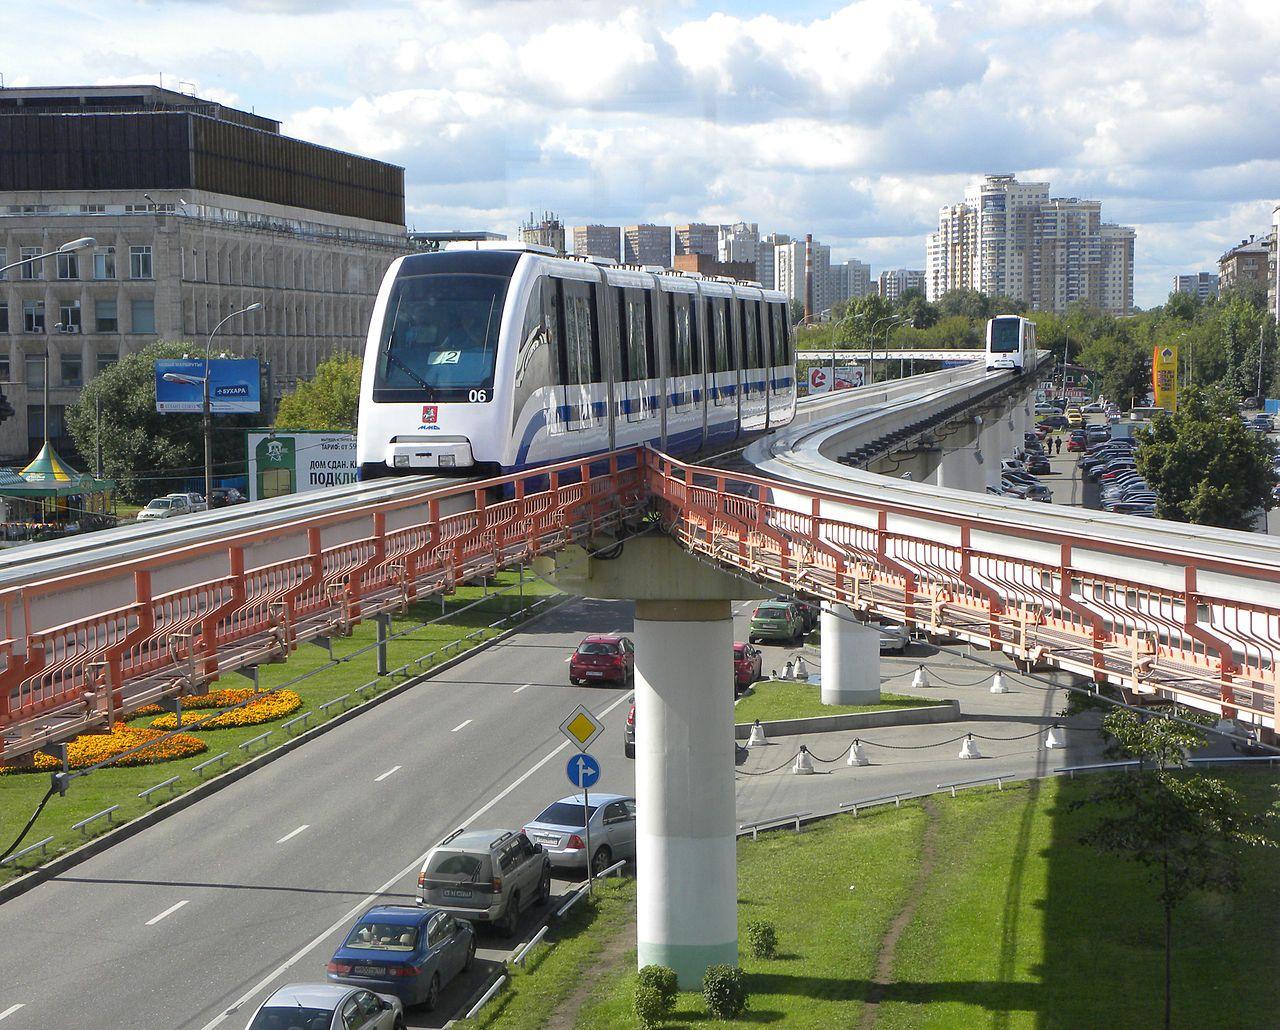 Южнокорейские компании изучают возможность инвестирования в транспортные проекты в Казахстане , Южная Корея, Инвестирование, транспорт, Проект